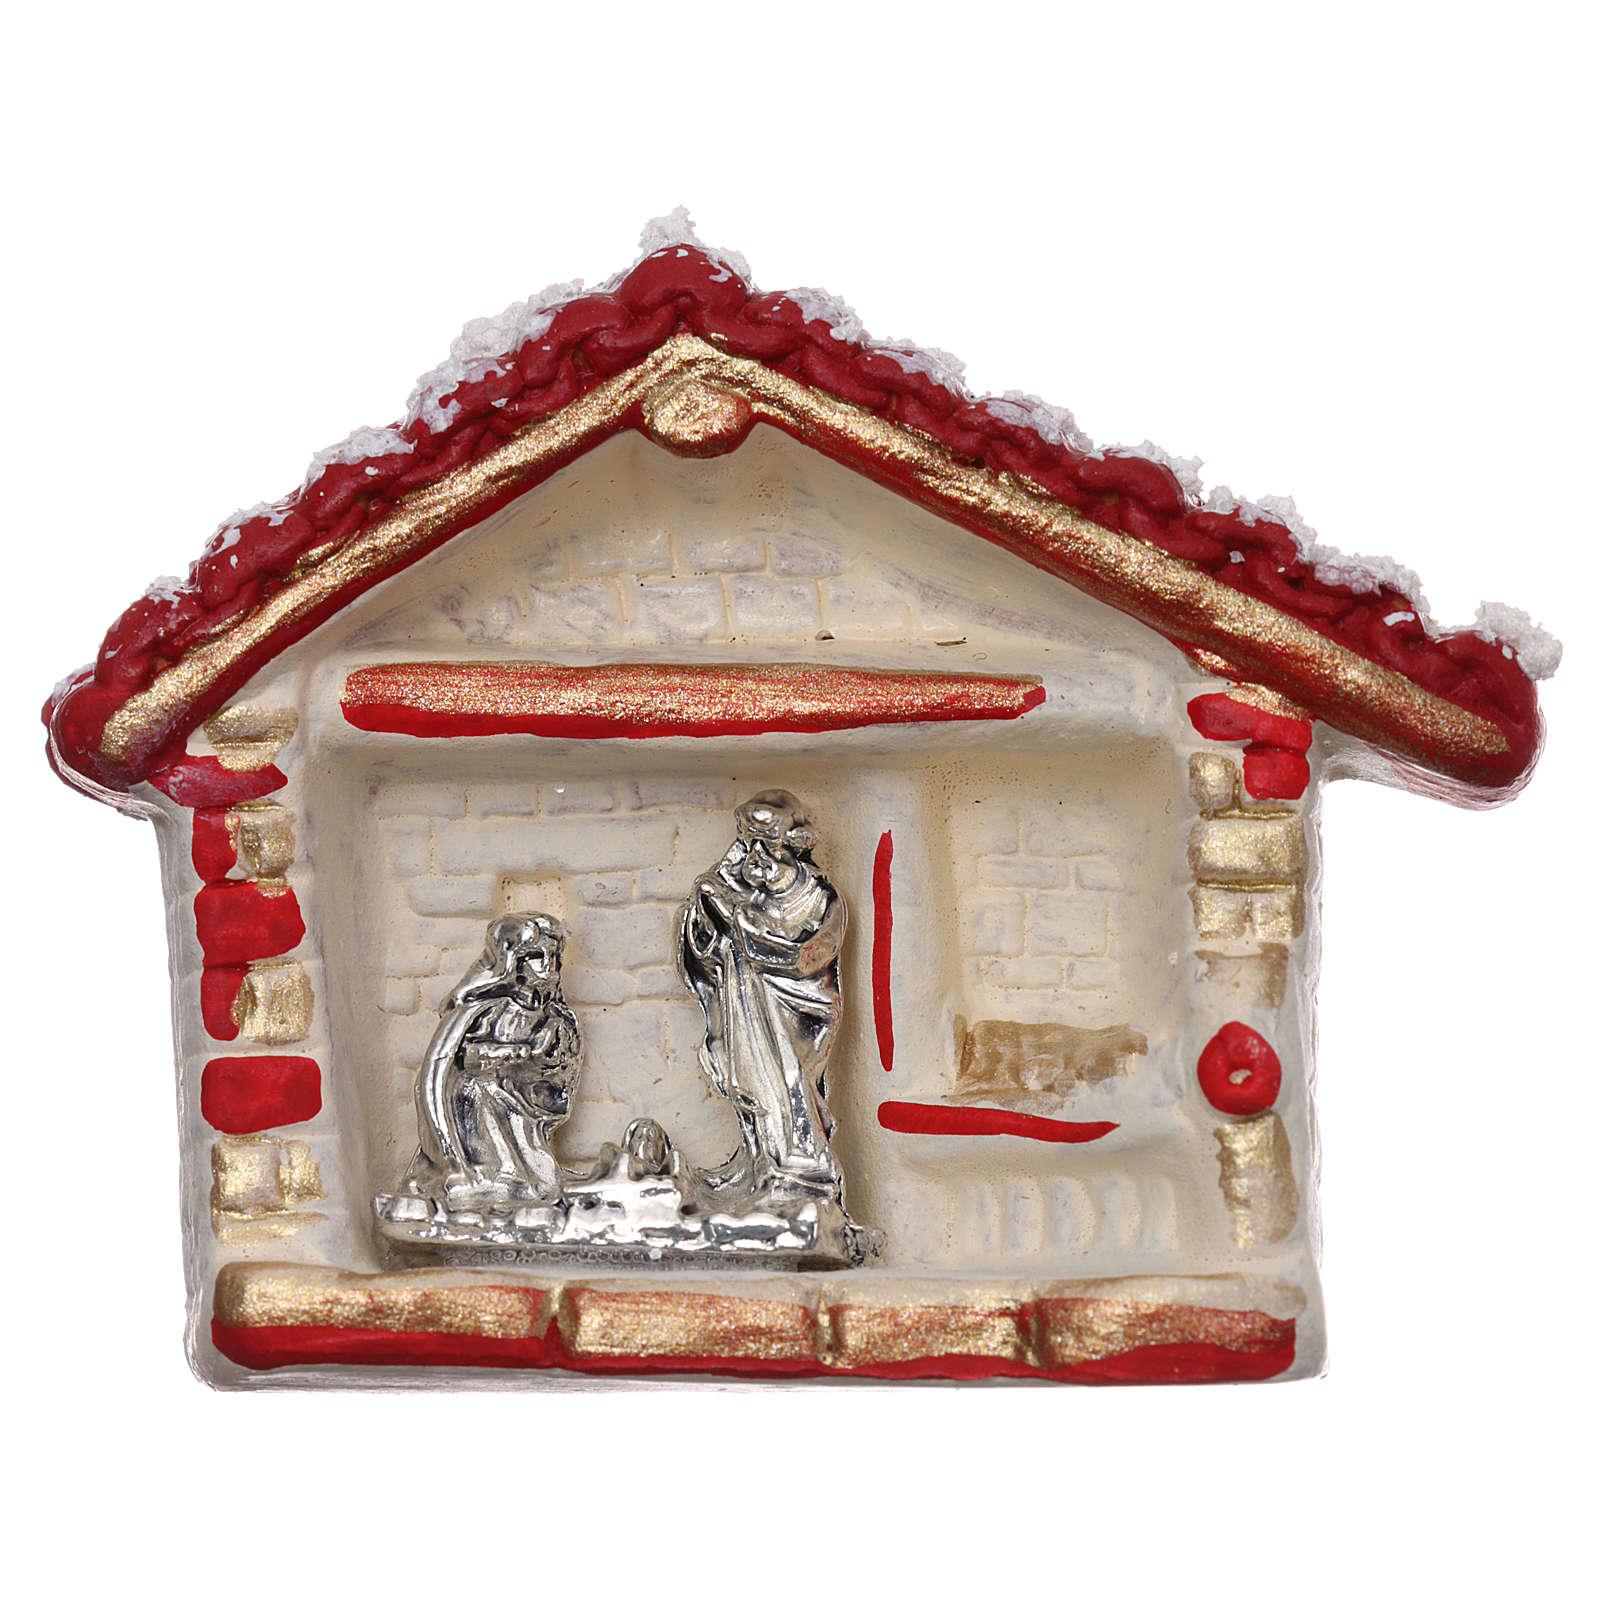 Calamita casetta rosso, oro e bianca con Natività terracotta Deruta 3